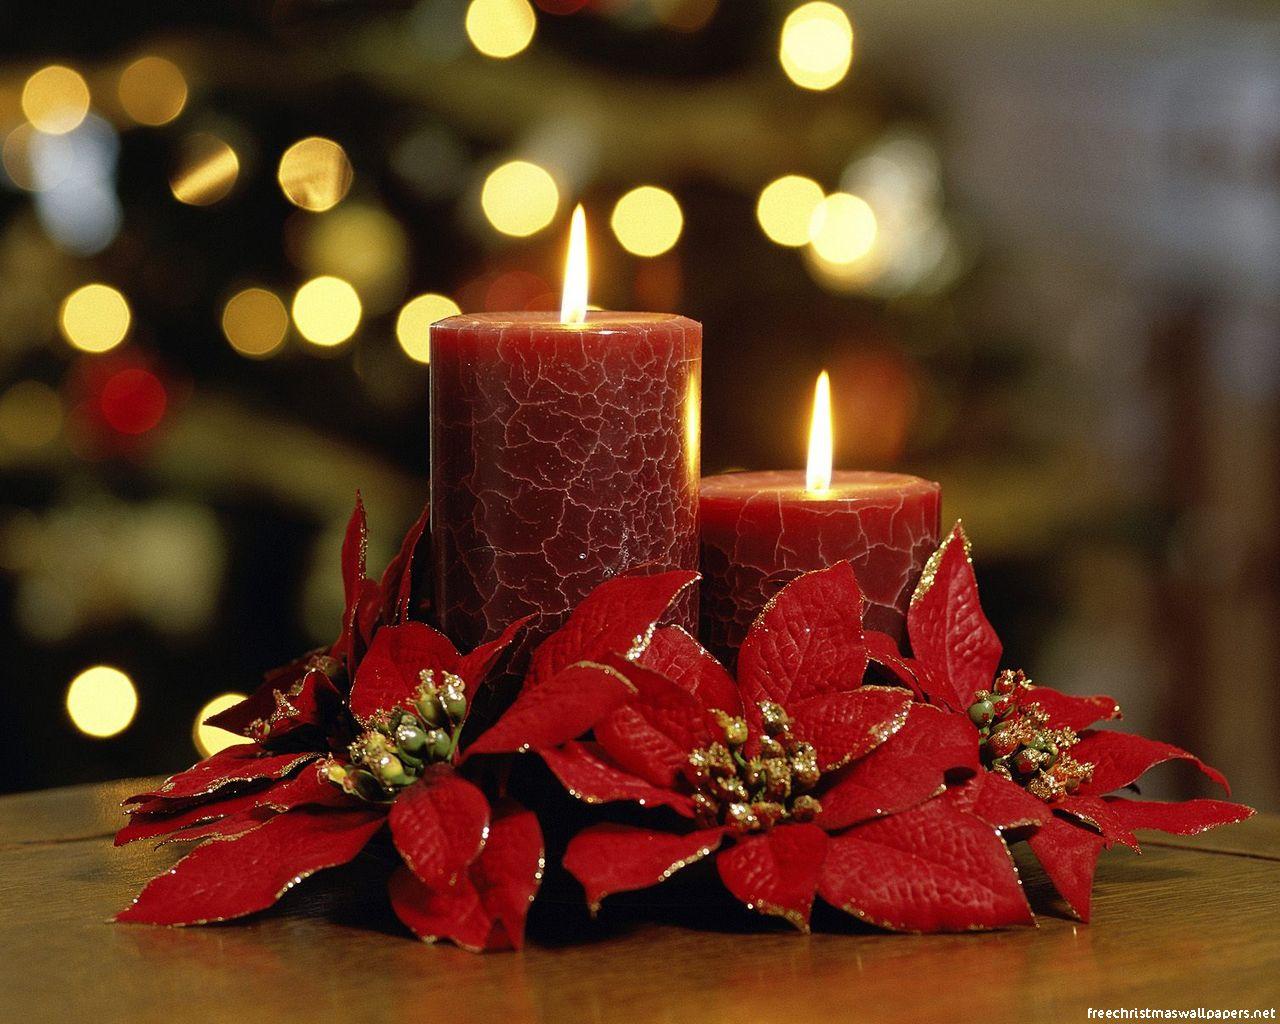 http://4.bp.blogspot.com/_rtu3Yqxmtk0/TRWMFhtaIRI/AAAAAAAAAQk/qjZ64W15dCQ/s1600/christmas-candles-wallpaper-005.jpg